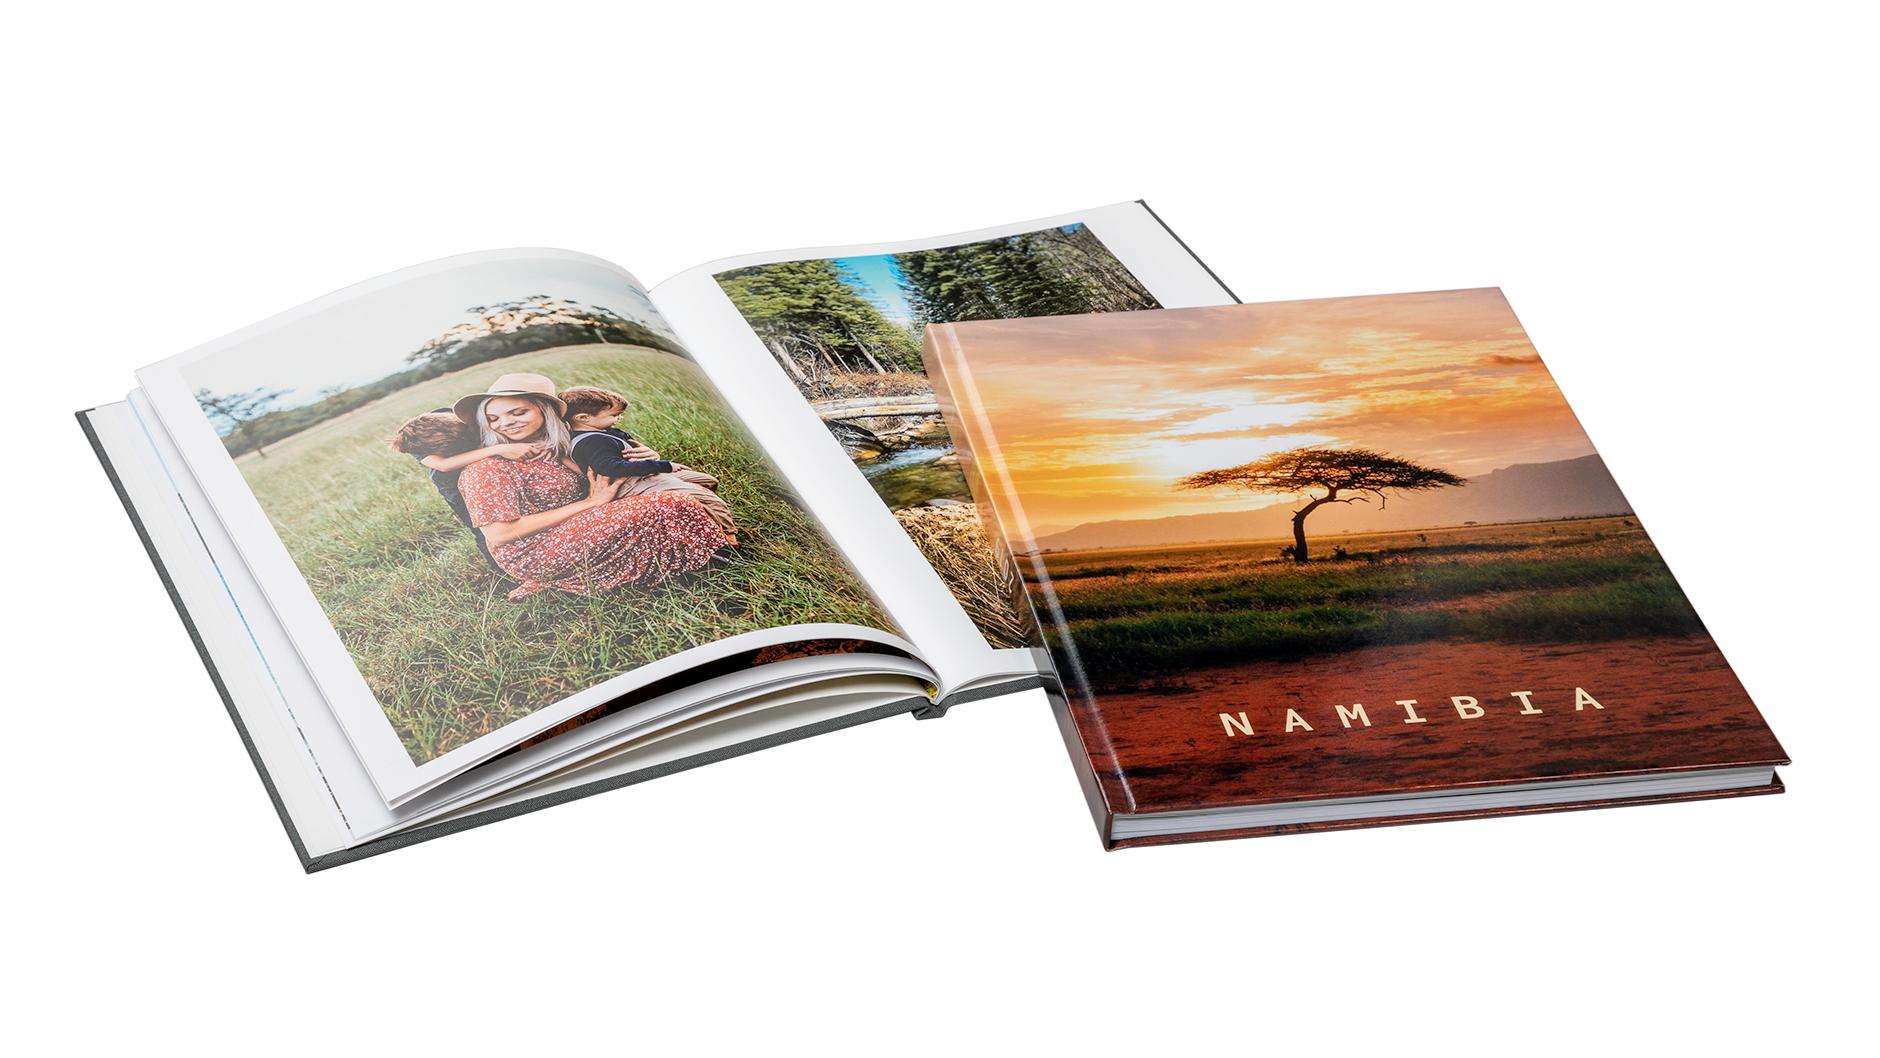 20% Rabatt auf Fotoabzüge, Minifotos, Retro Fotos oder 15% Rabatt auf Fotobücher bei myfujifilm.de, z.B. 9x13 Foto für 12 Cent statt 15 Cent